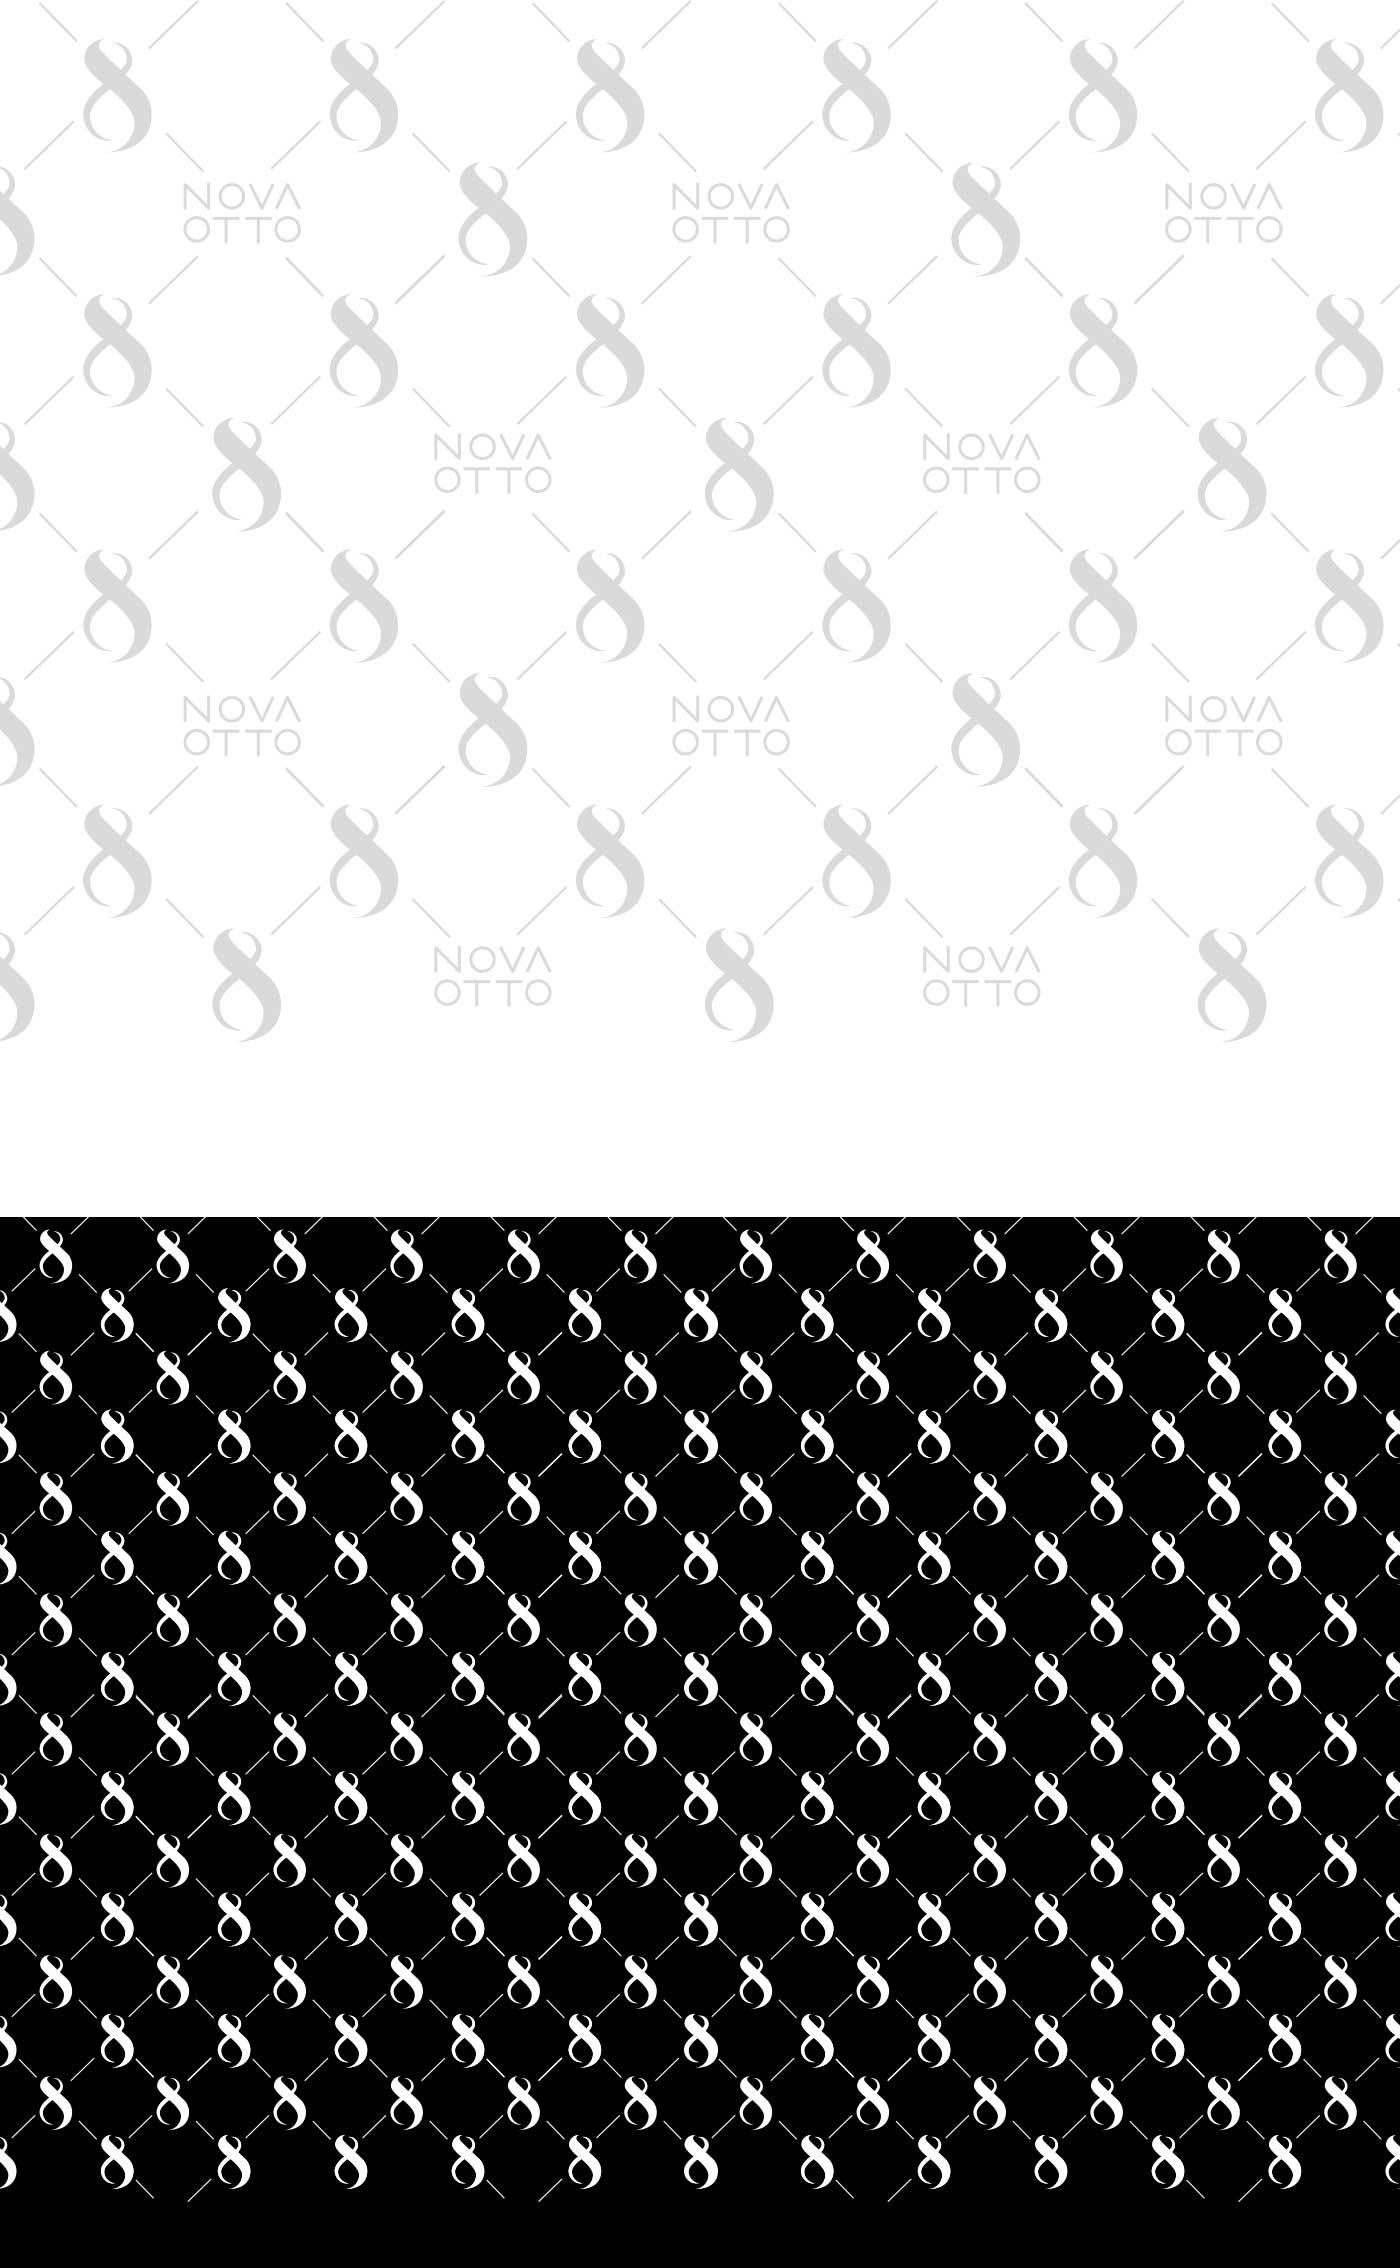 novaotto pattern grafico milano